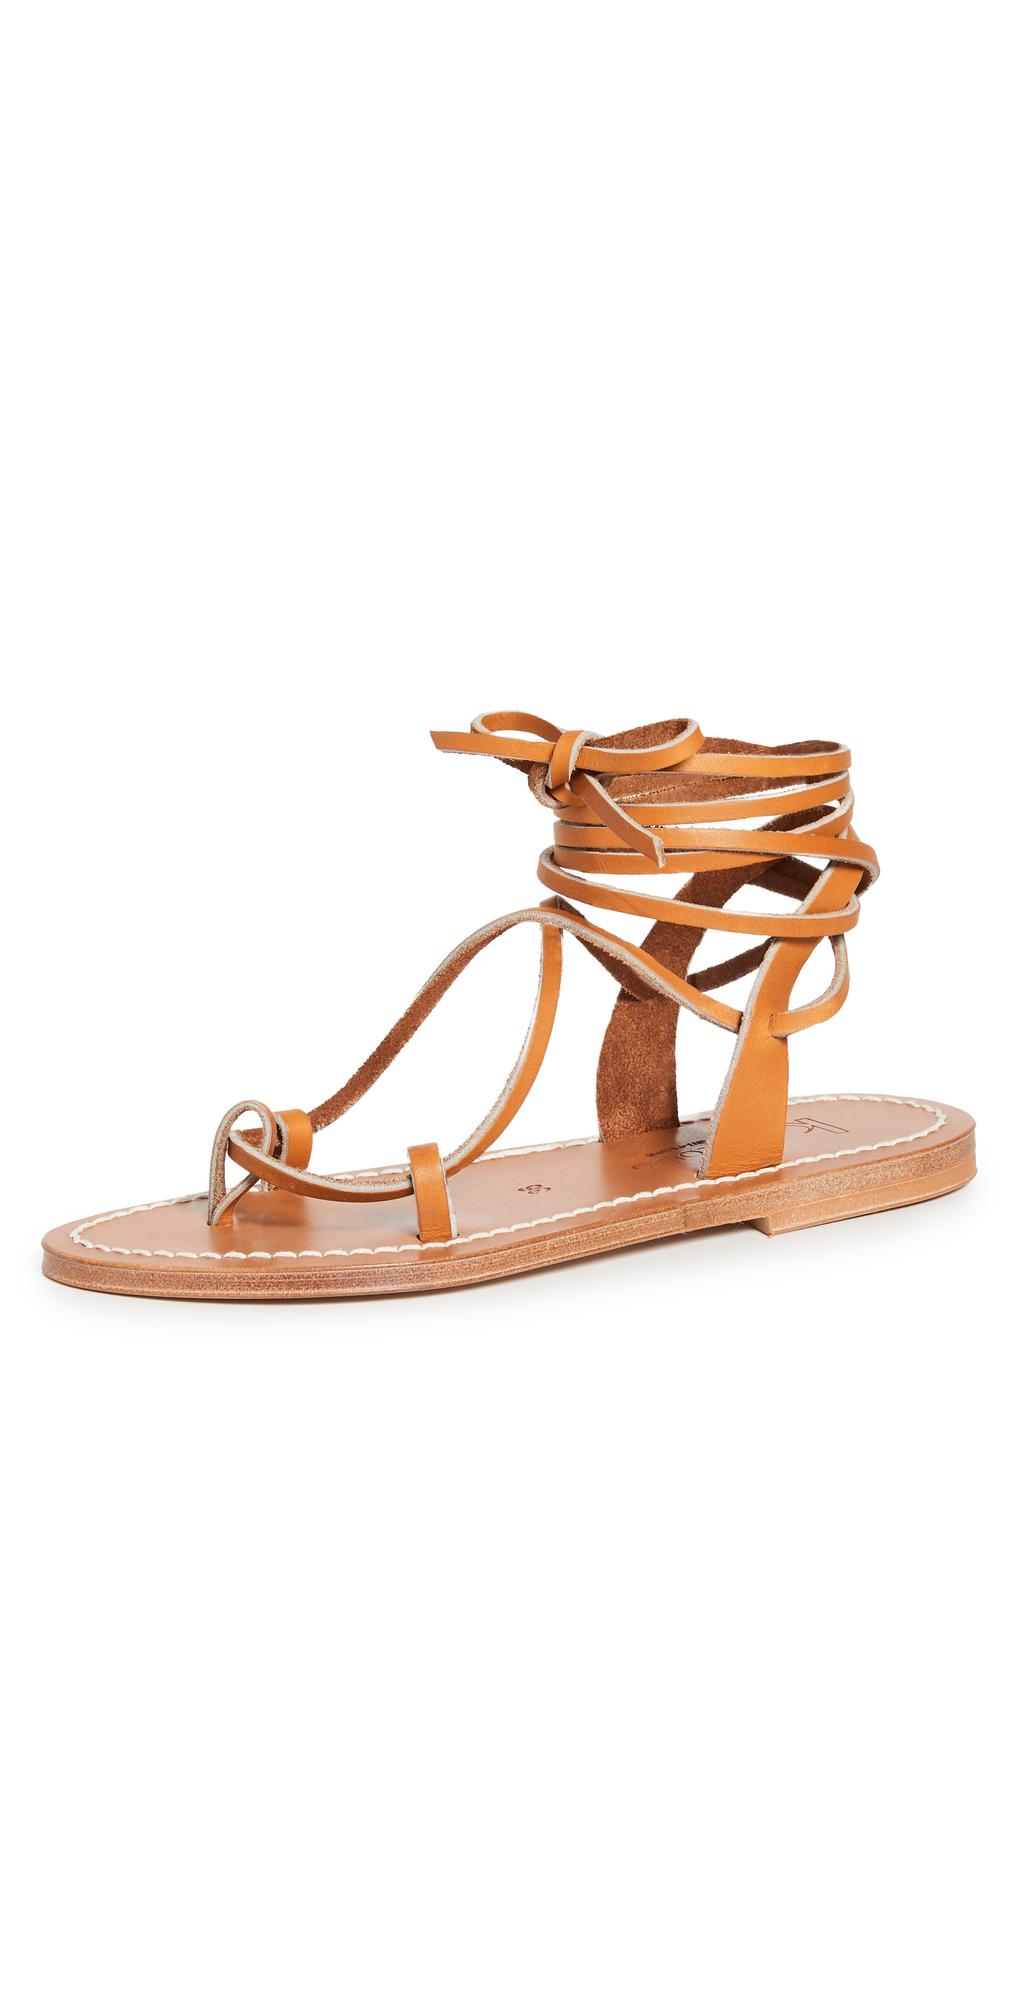 Lucile Sandals